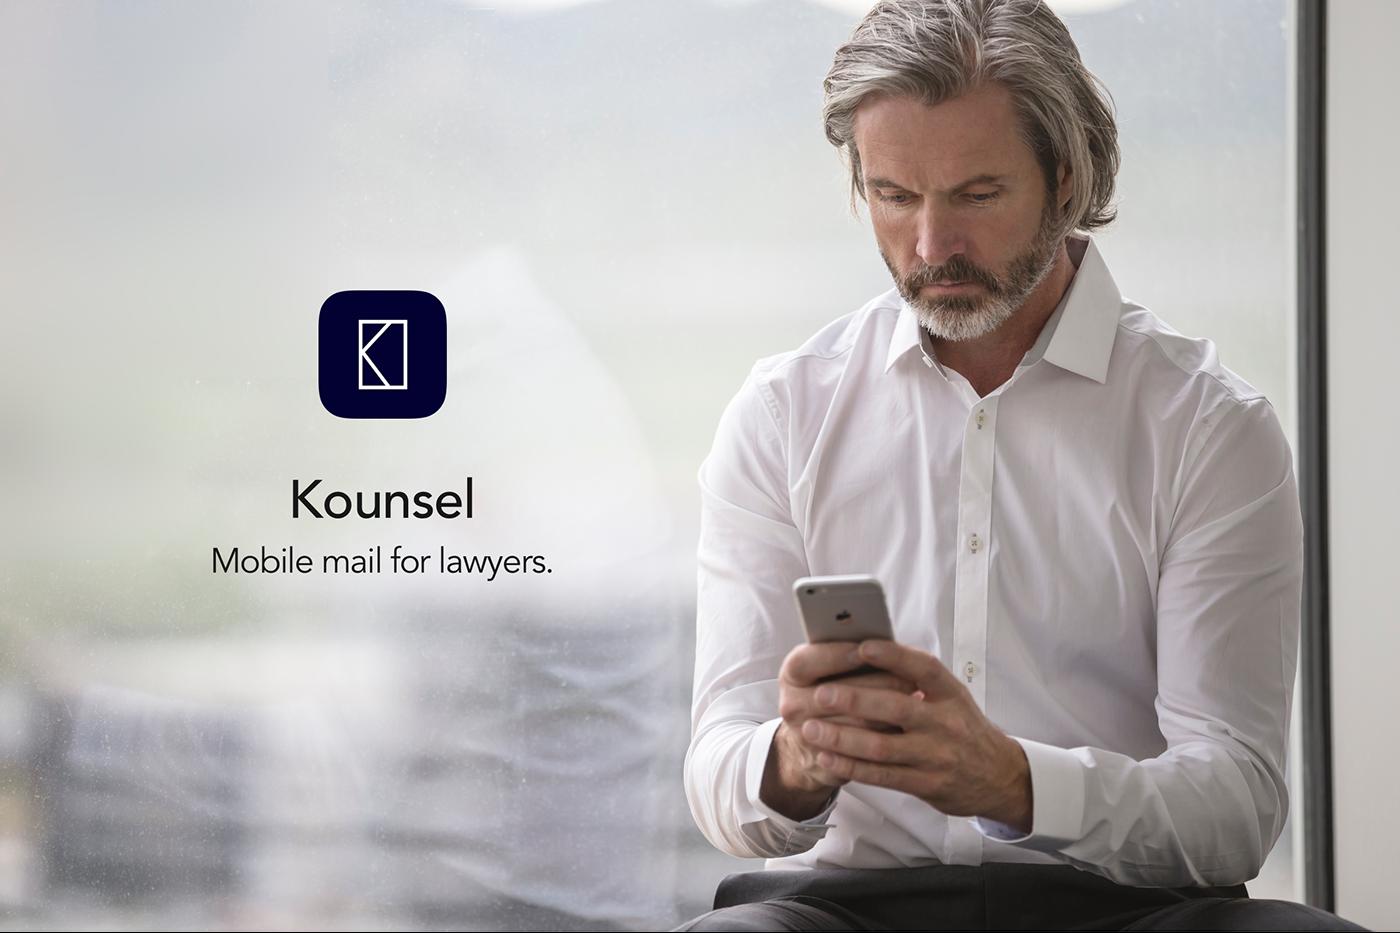 Adobe Portfolio ux UI Email app design ios iphone Mobile app app Icon inVISION